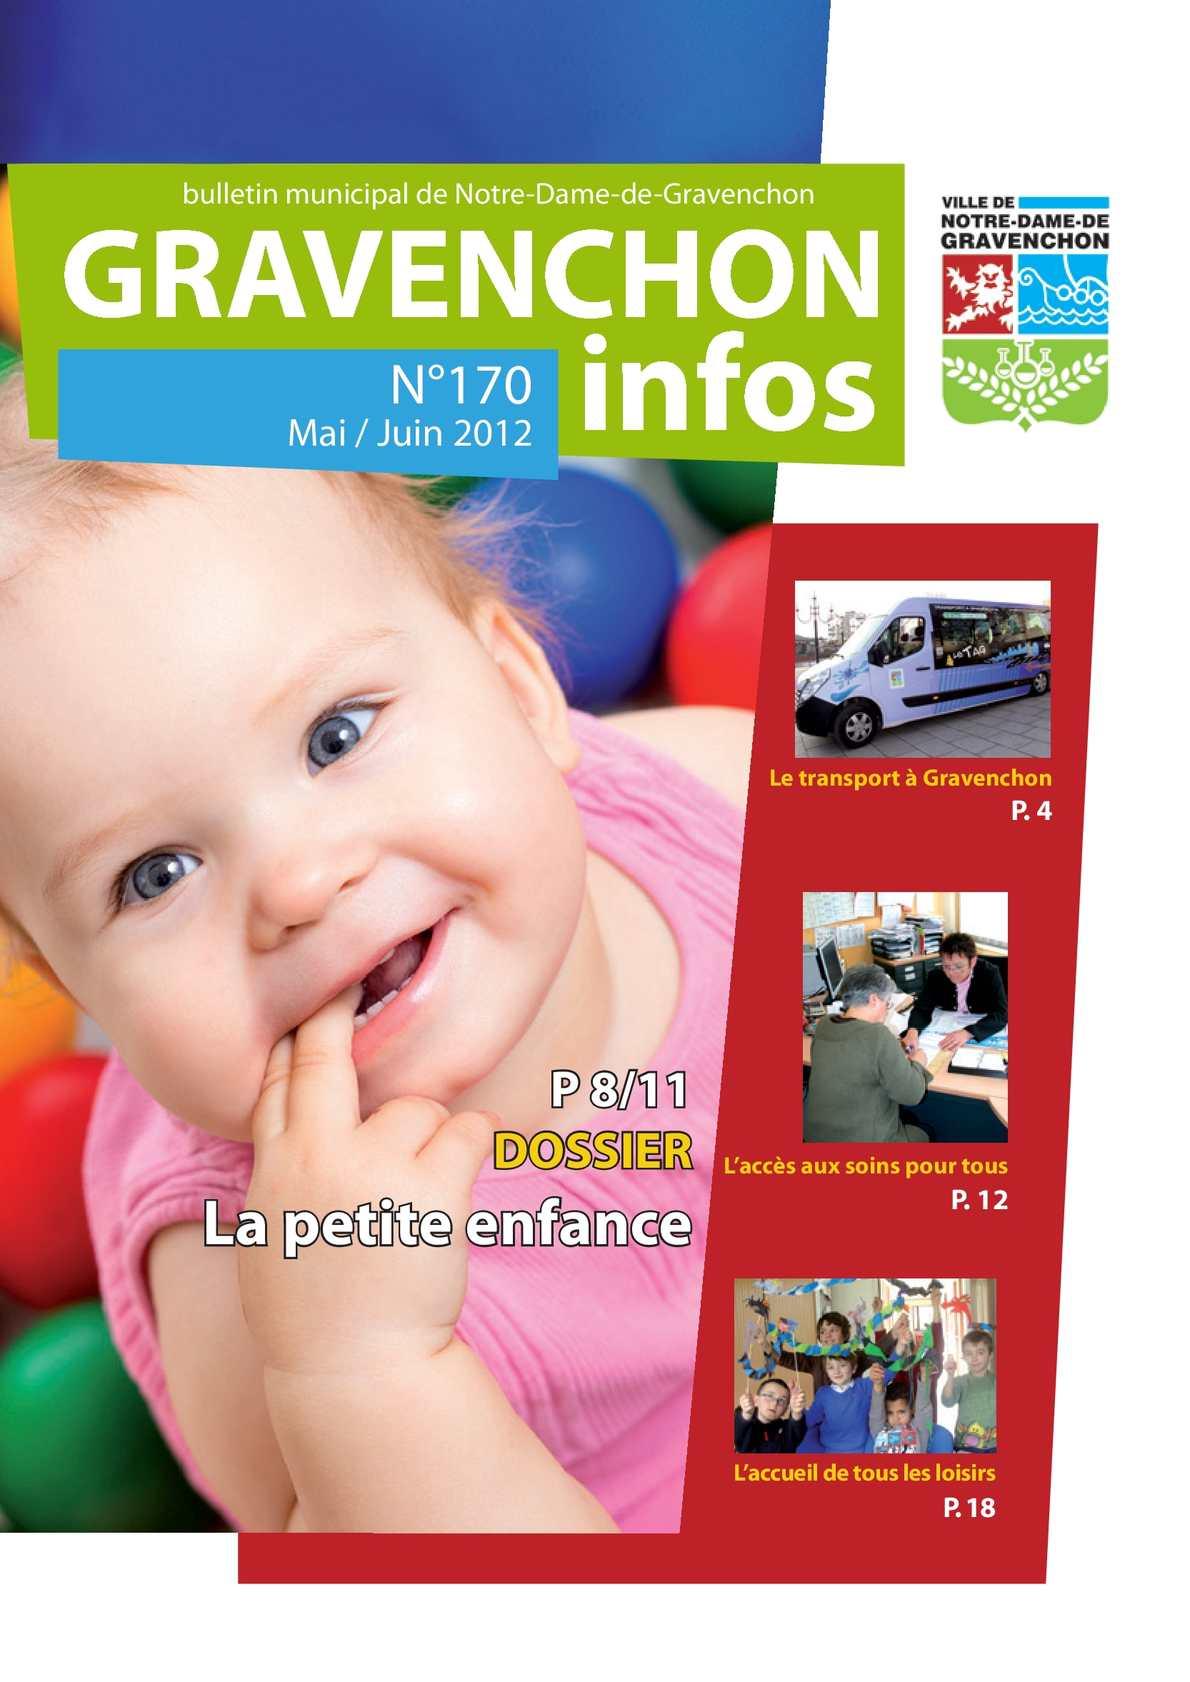 Calam o gravenchon infos 170 - Notre dame de gravenchon piscine ...